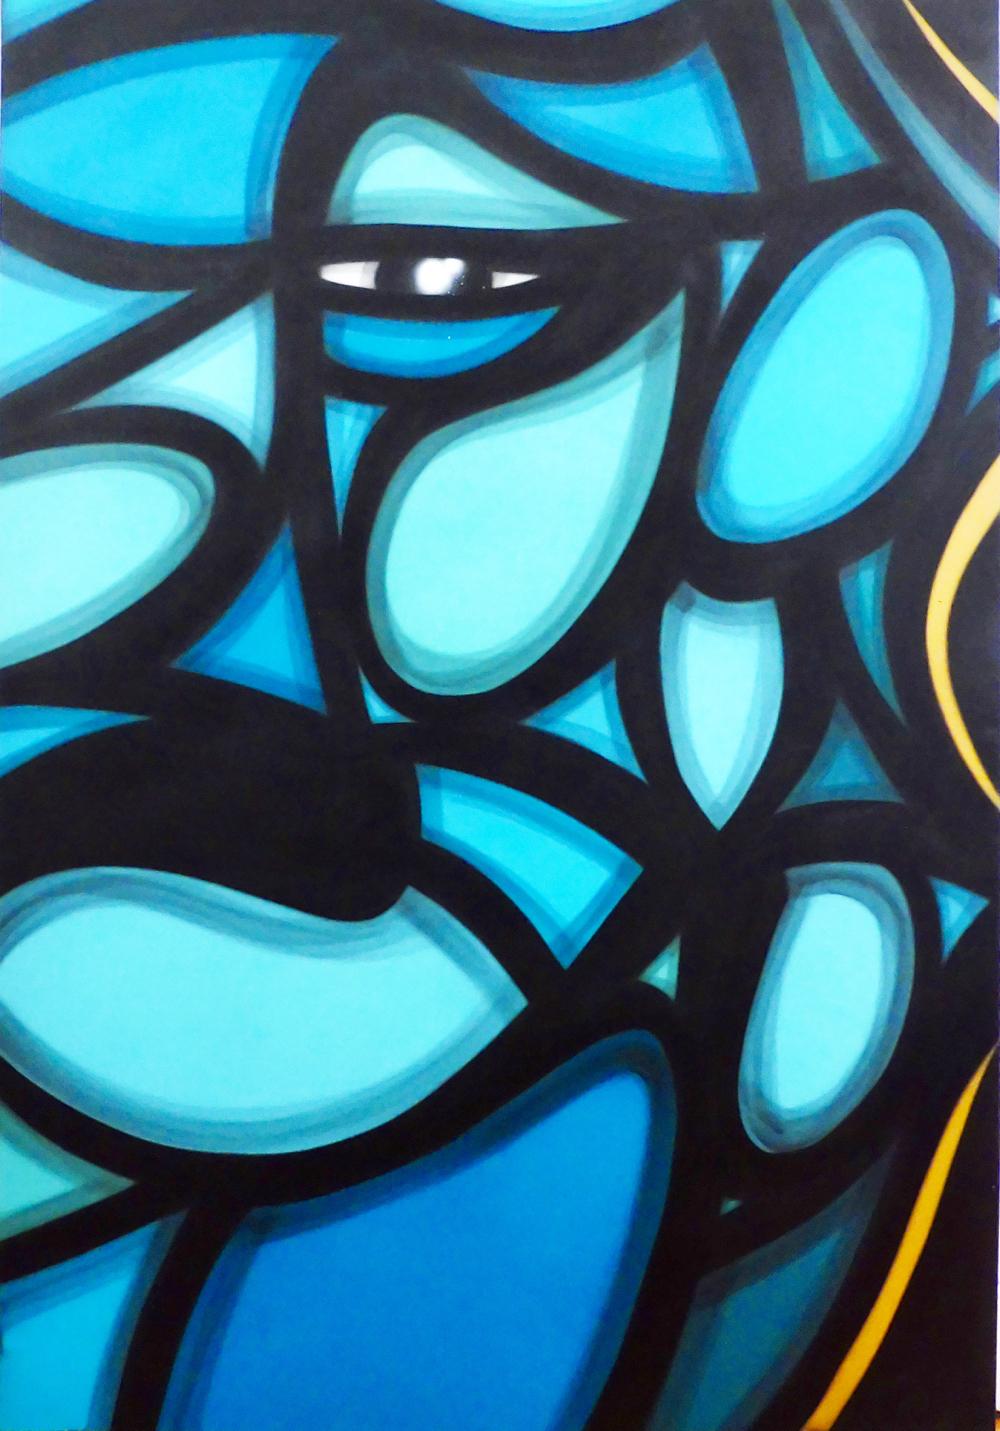 Blue Lion by   WONE - Masterpiece Online